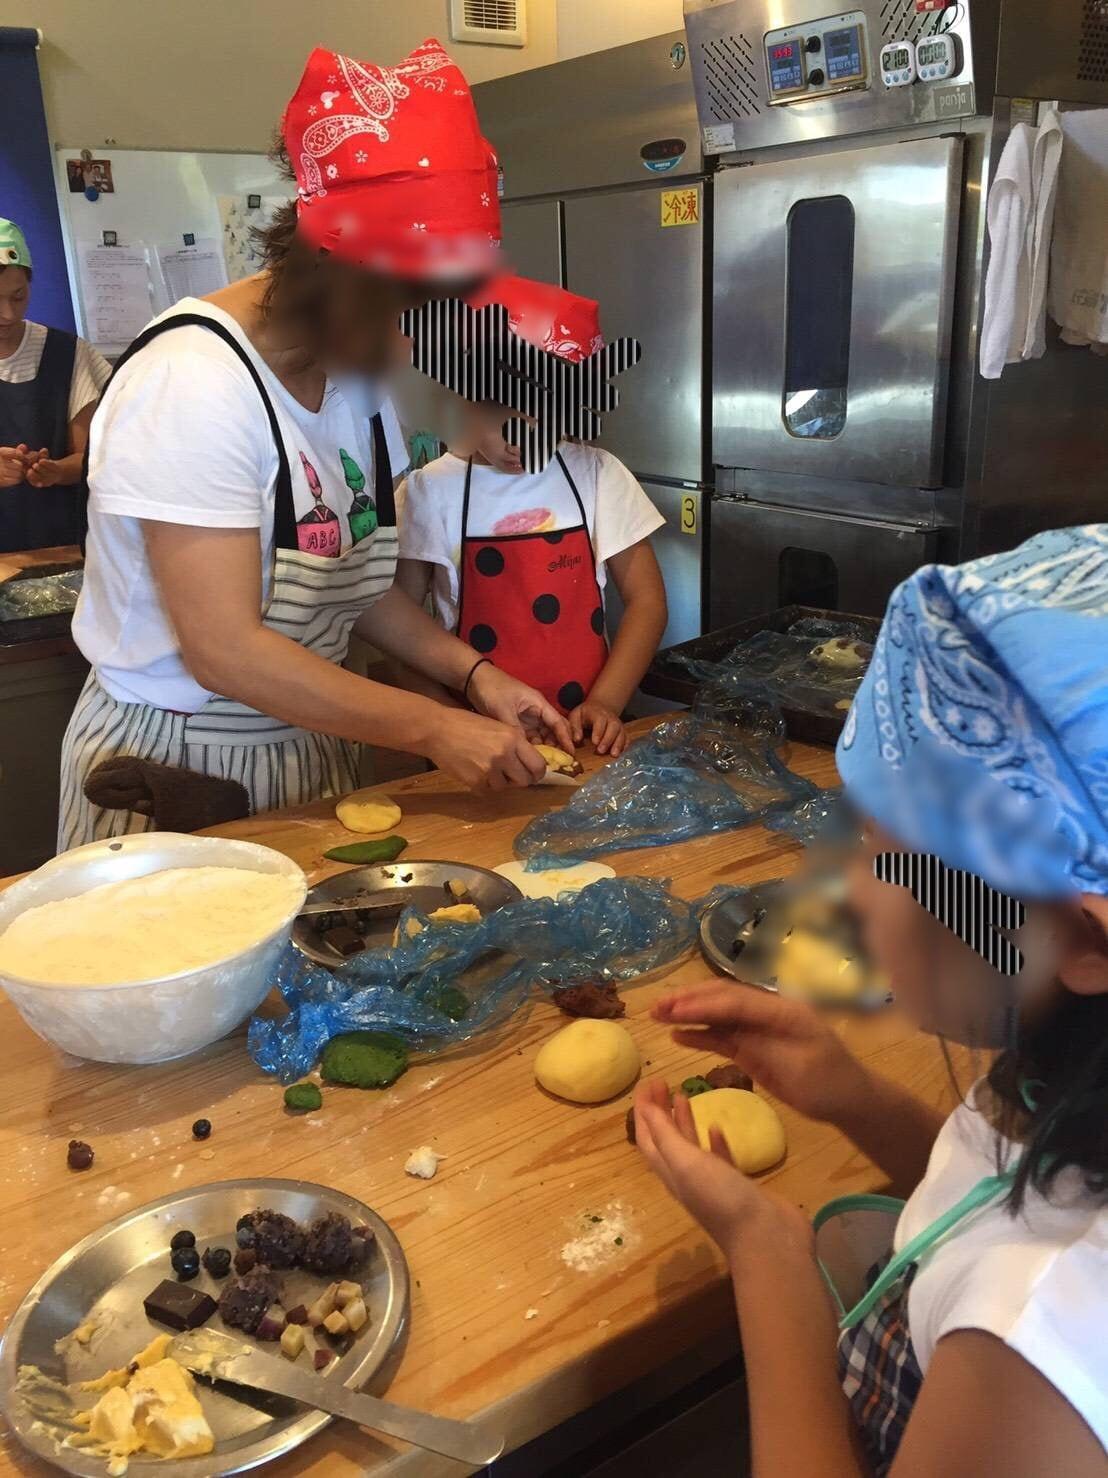 【幸田本店】☆夏休み☆ ダーシェンカ 親子パン作り体験教室のイメージその2